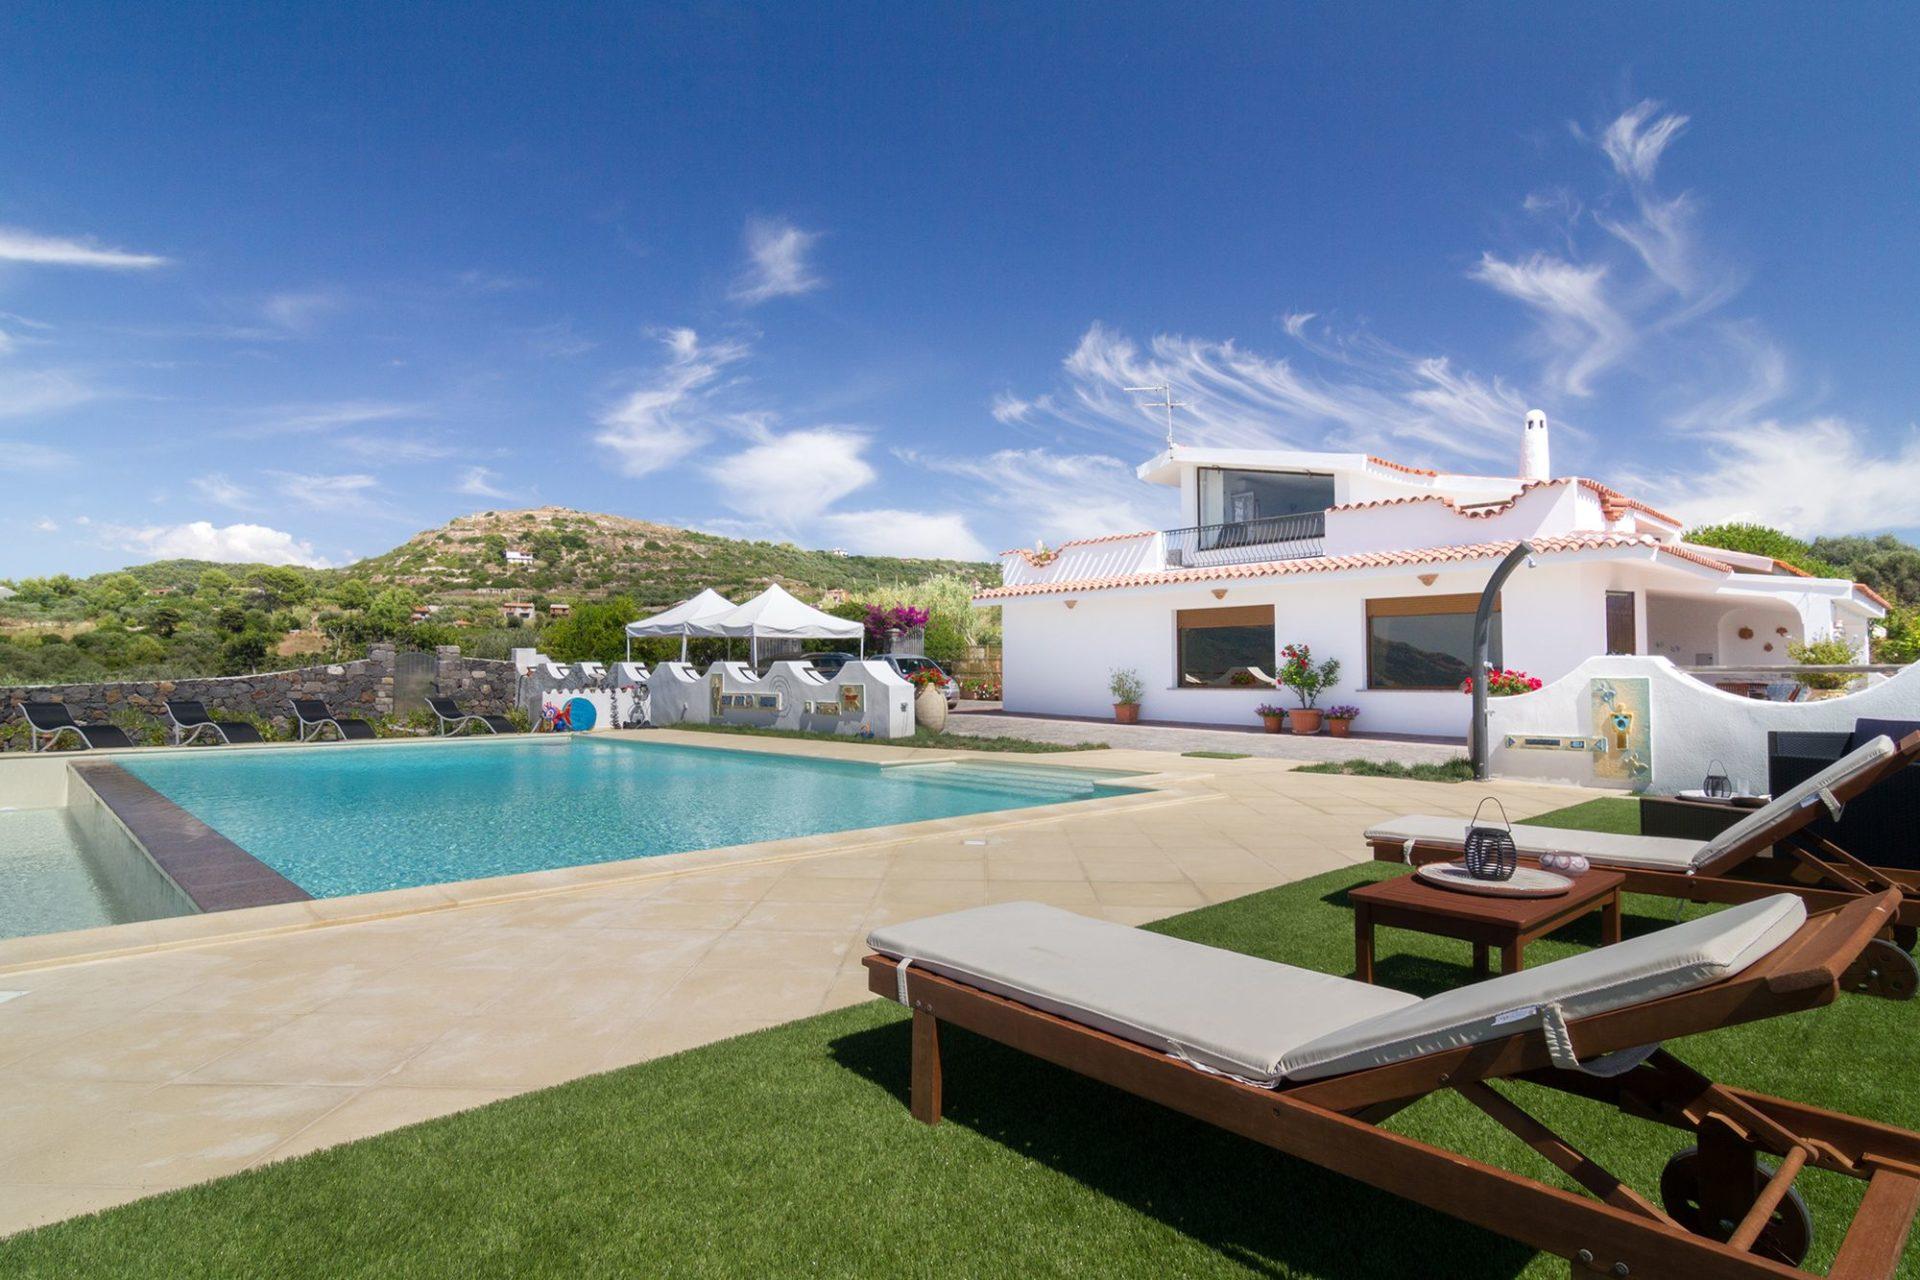 Fotografia di architettura in Sardegna. Villa con piscina fotografata nei pressi di Bosa